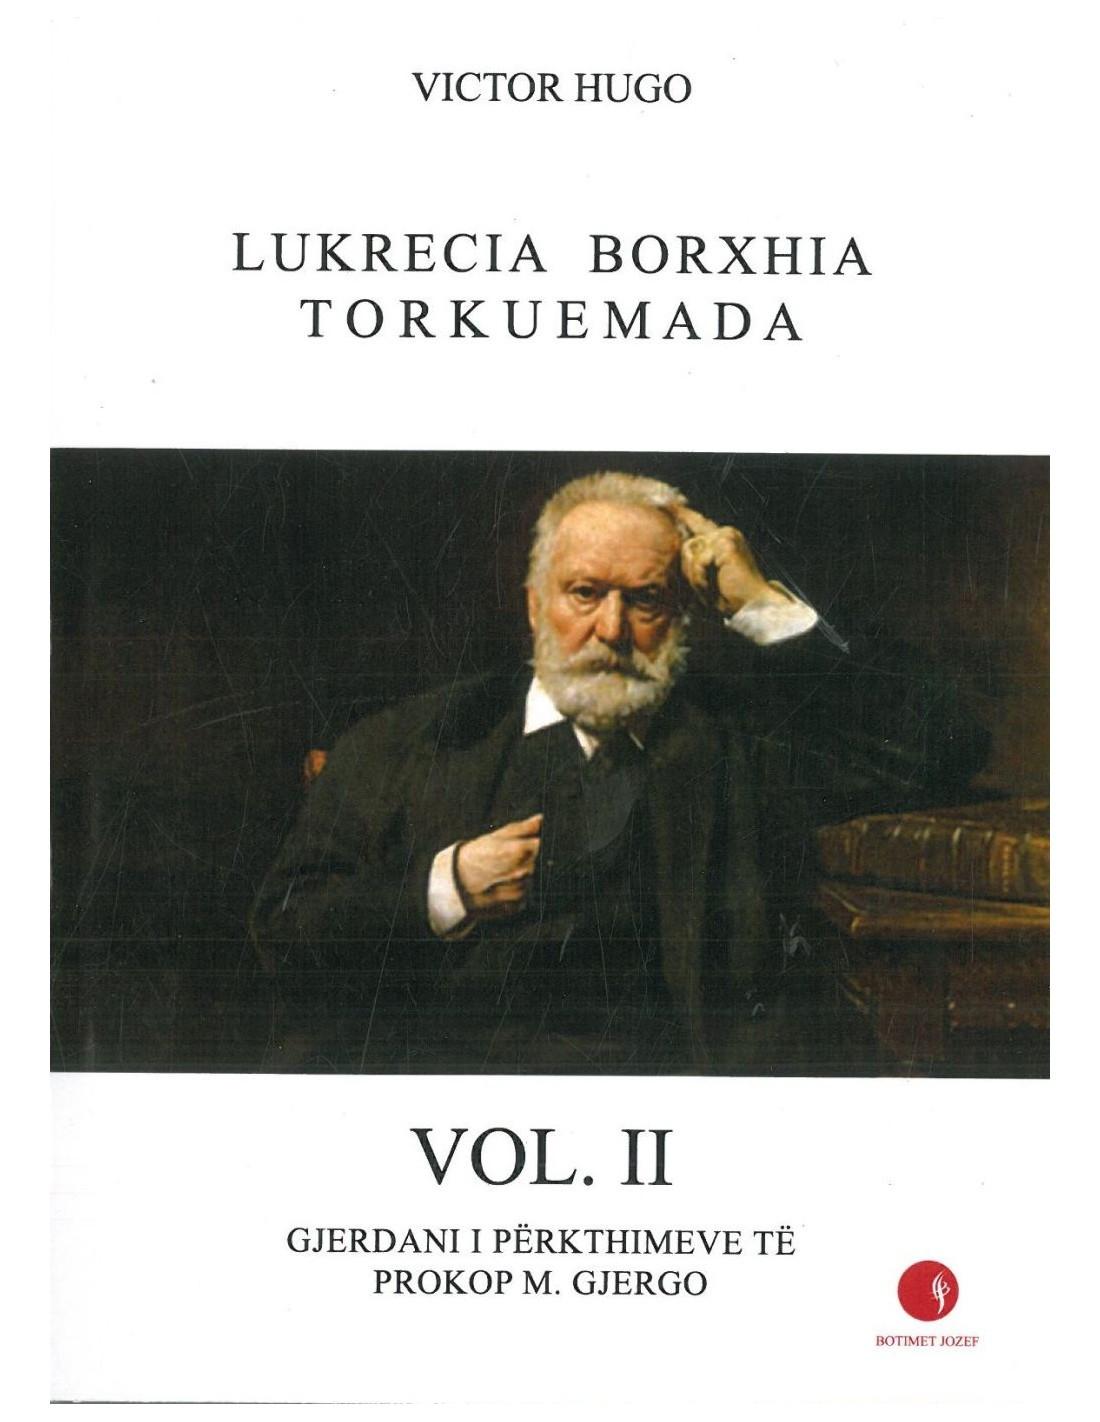 Lukrecia Boxhia Torkuemada